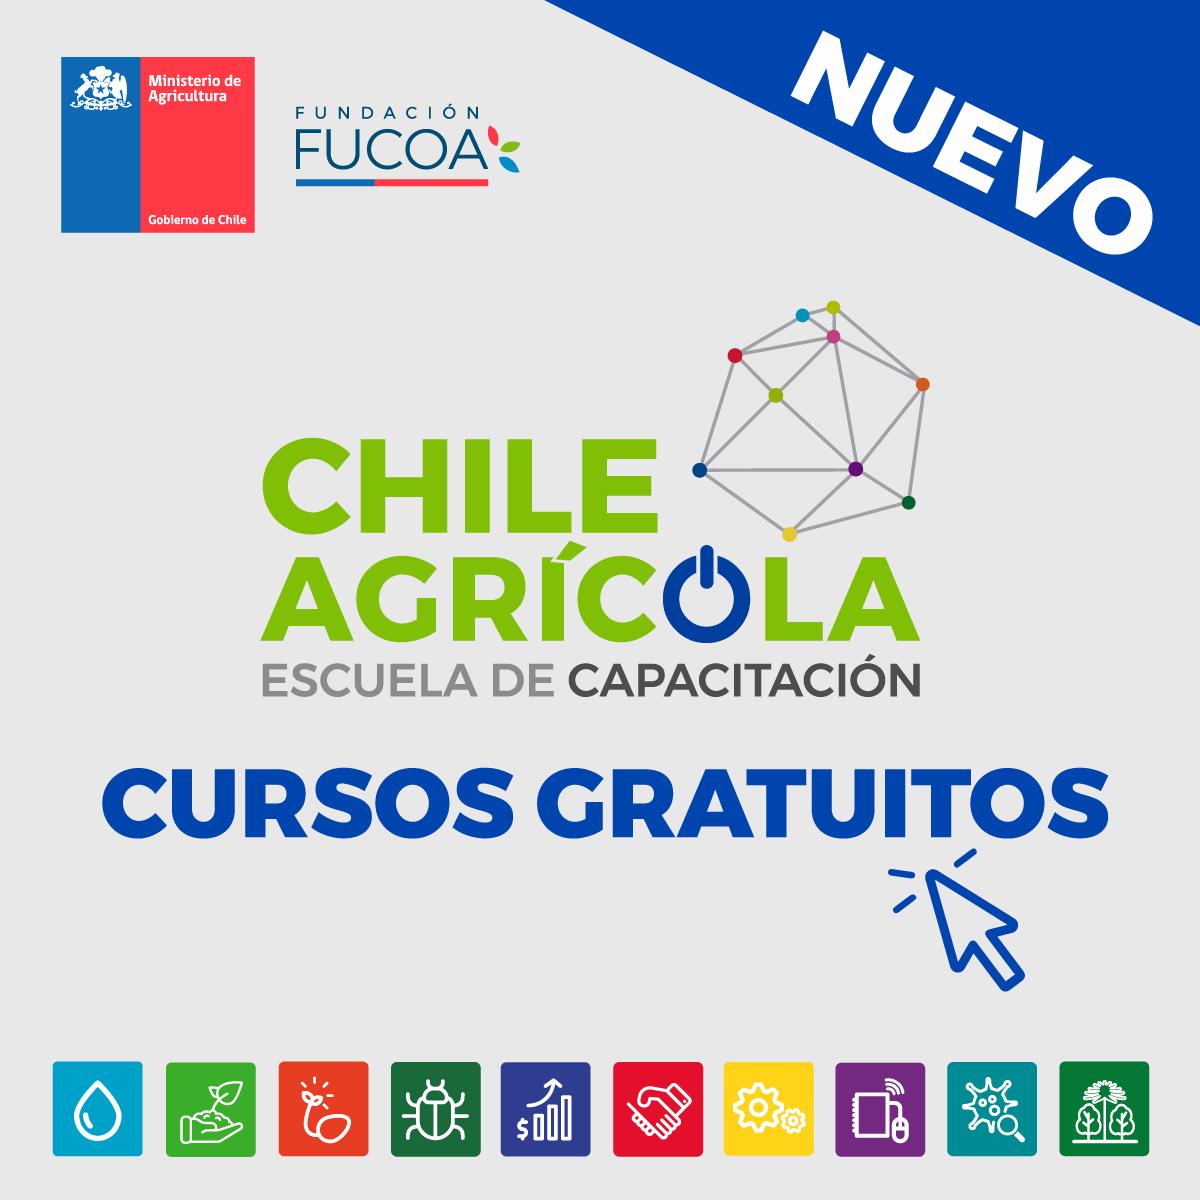 FUCOA y Minagri impulsan Compromiso por la Capacitación del Agro con 30 universidades e instituciones